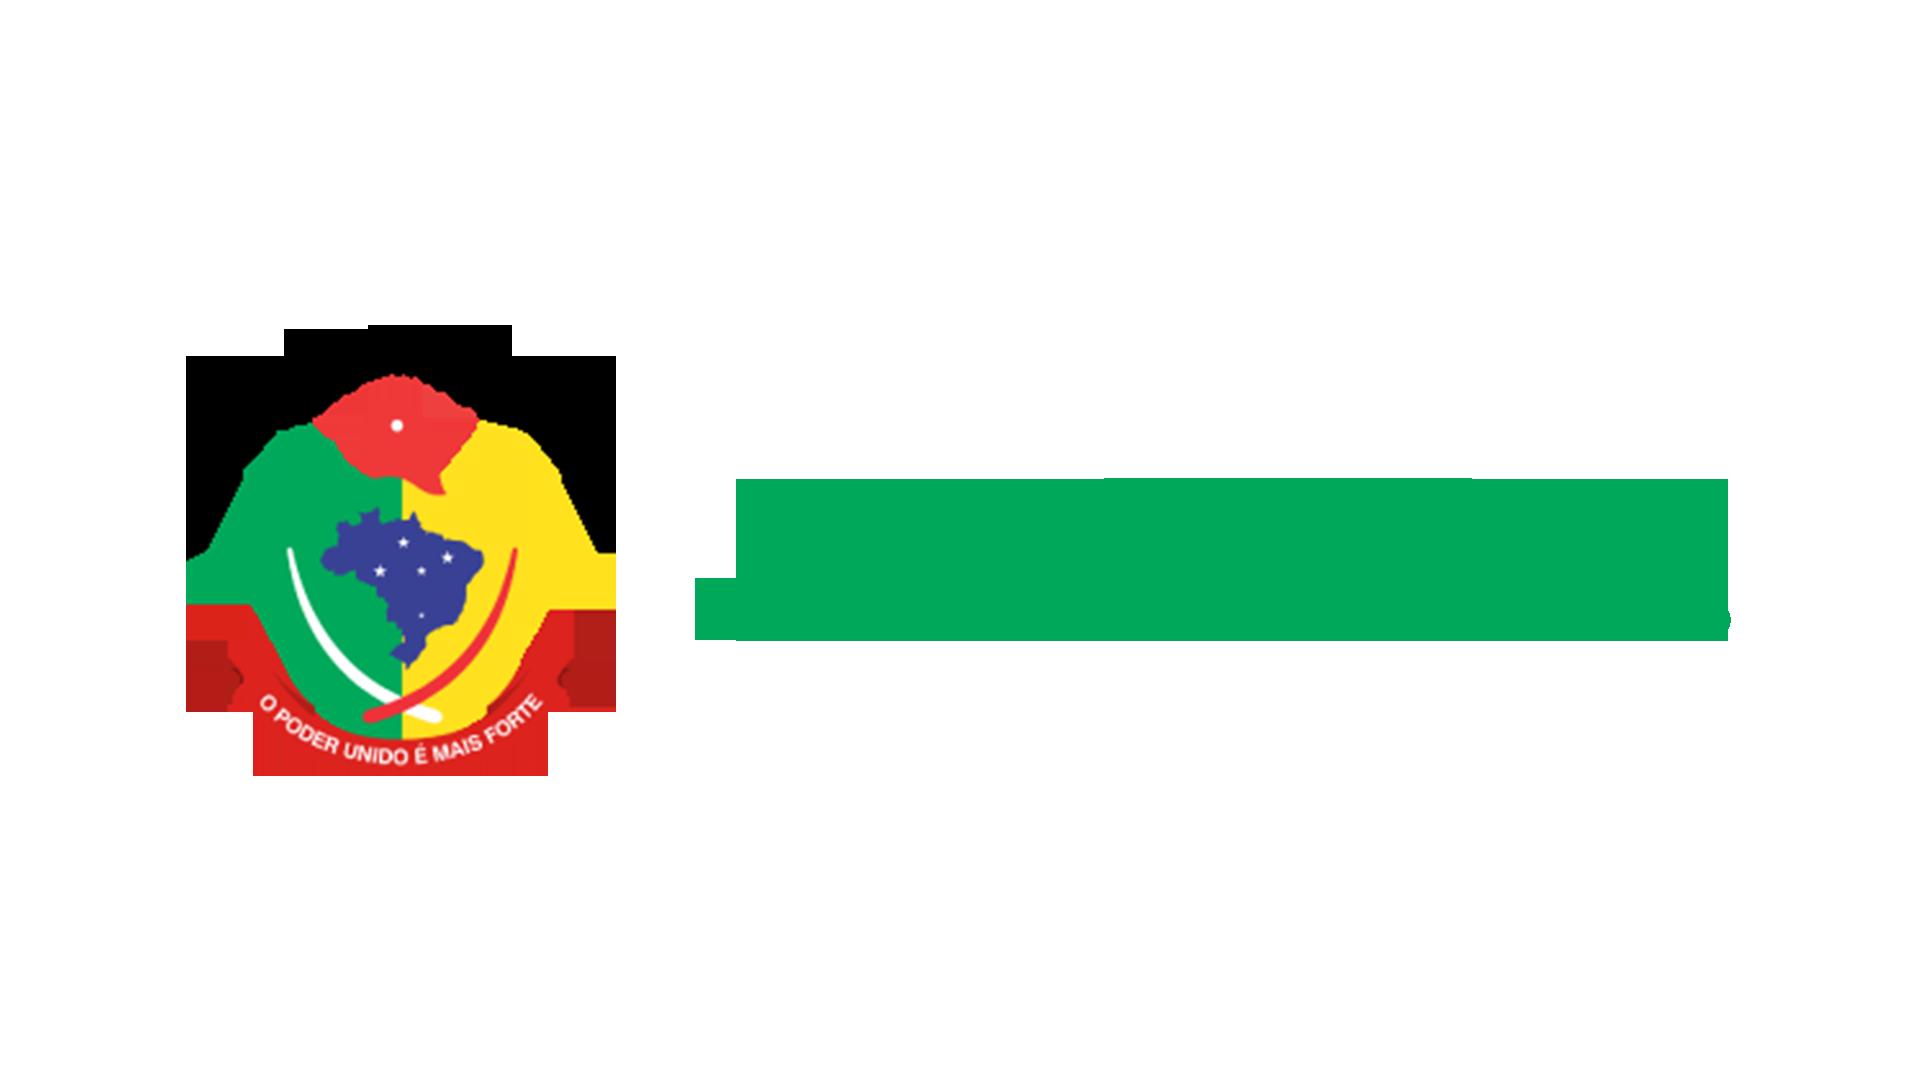 Câmara Municipal de Nova Aurora